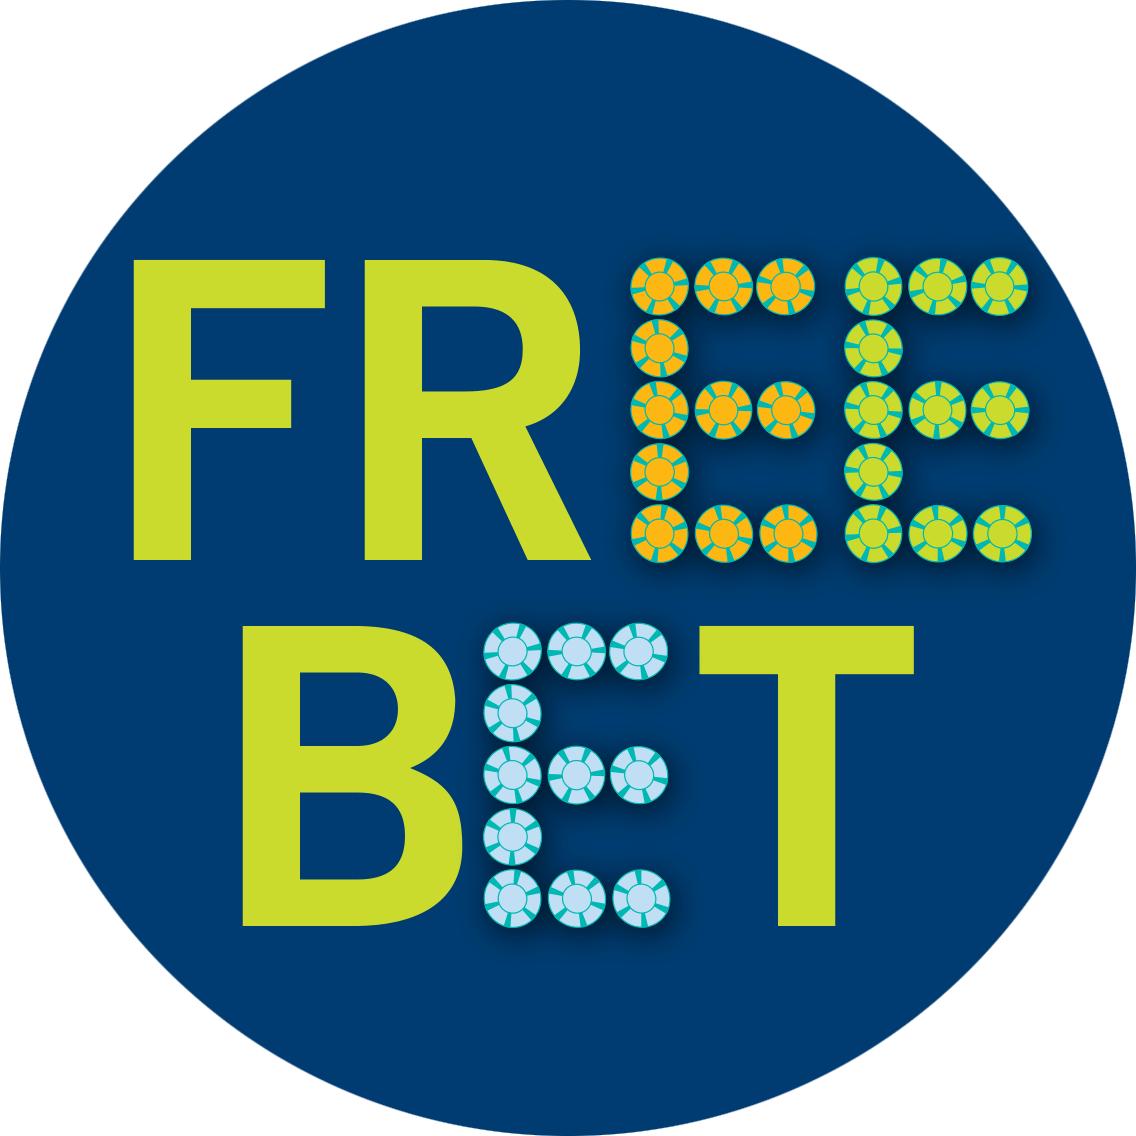 寫着「自由式下注」的英文「FREE BET」,當中的多個E字以籌碼砌成。